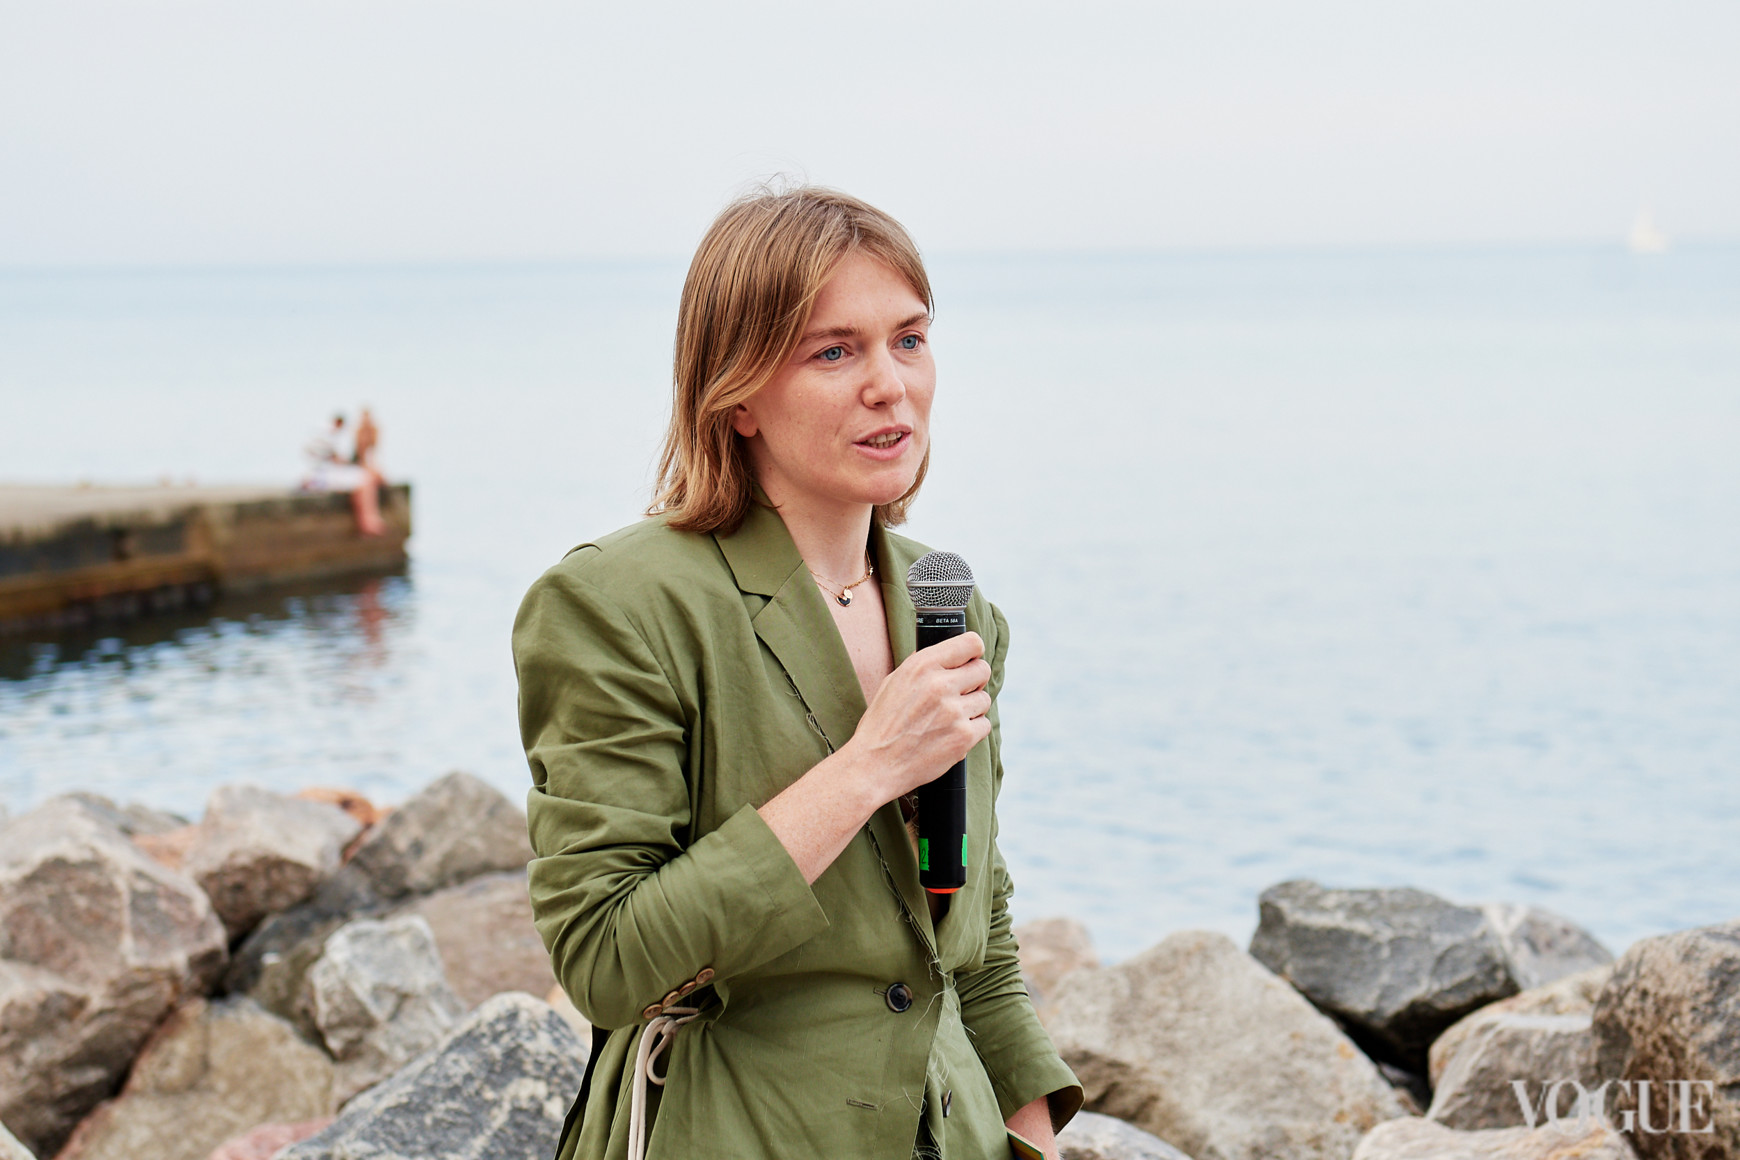 Член жюри, дизайнер Лилия Литковская